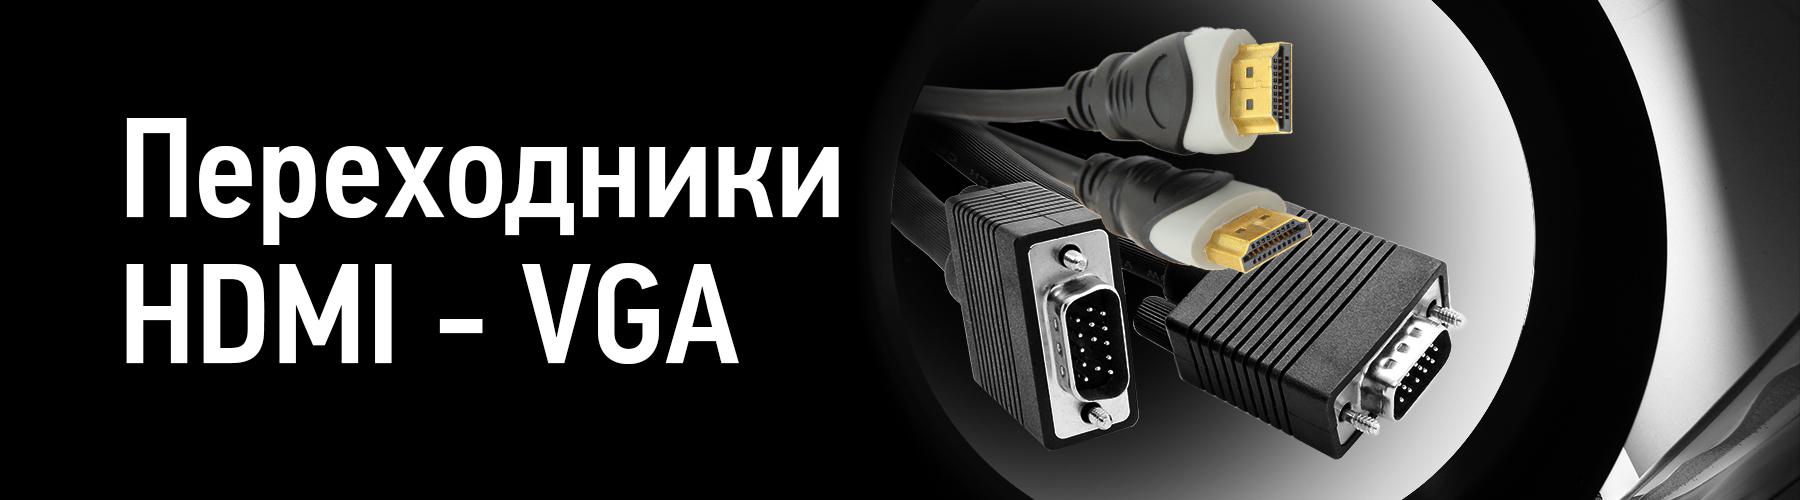 Купить Переходники HDMI - VGA - Новинка!